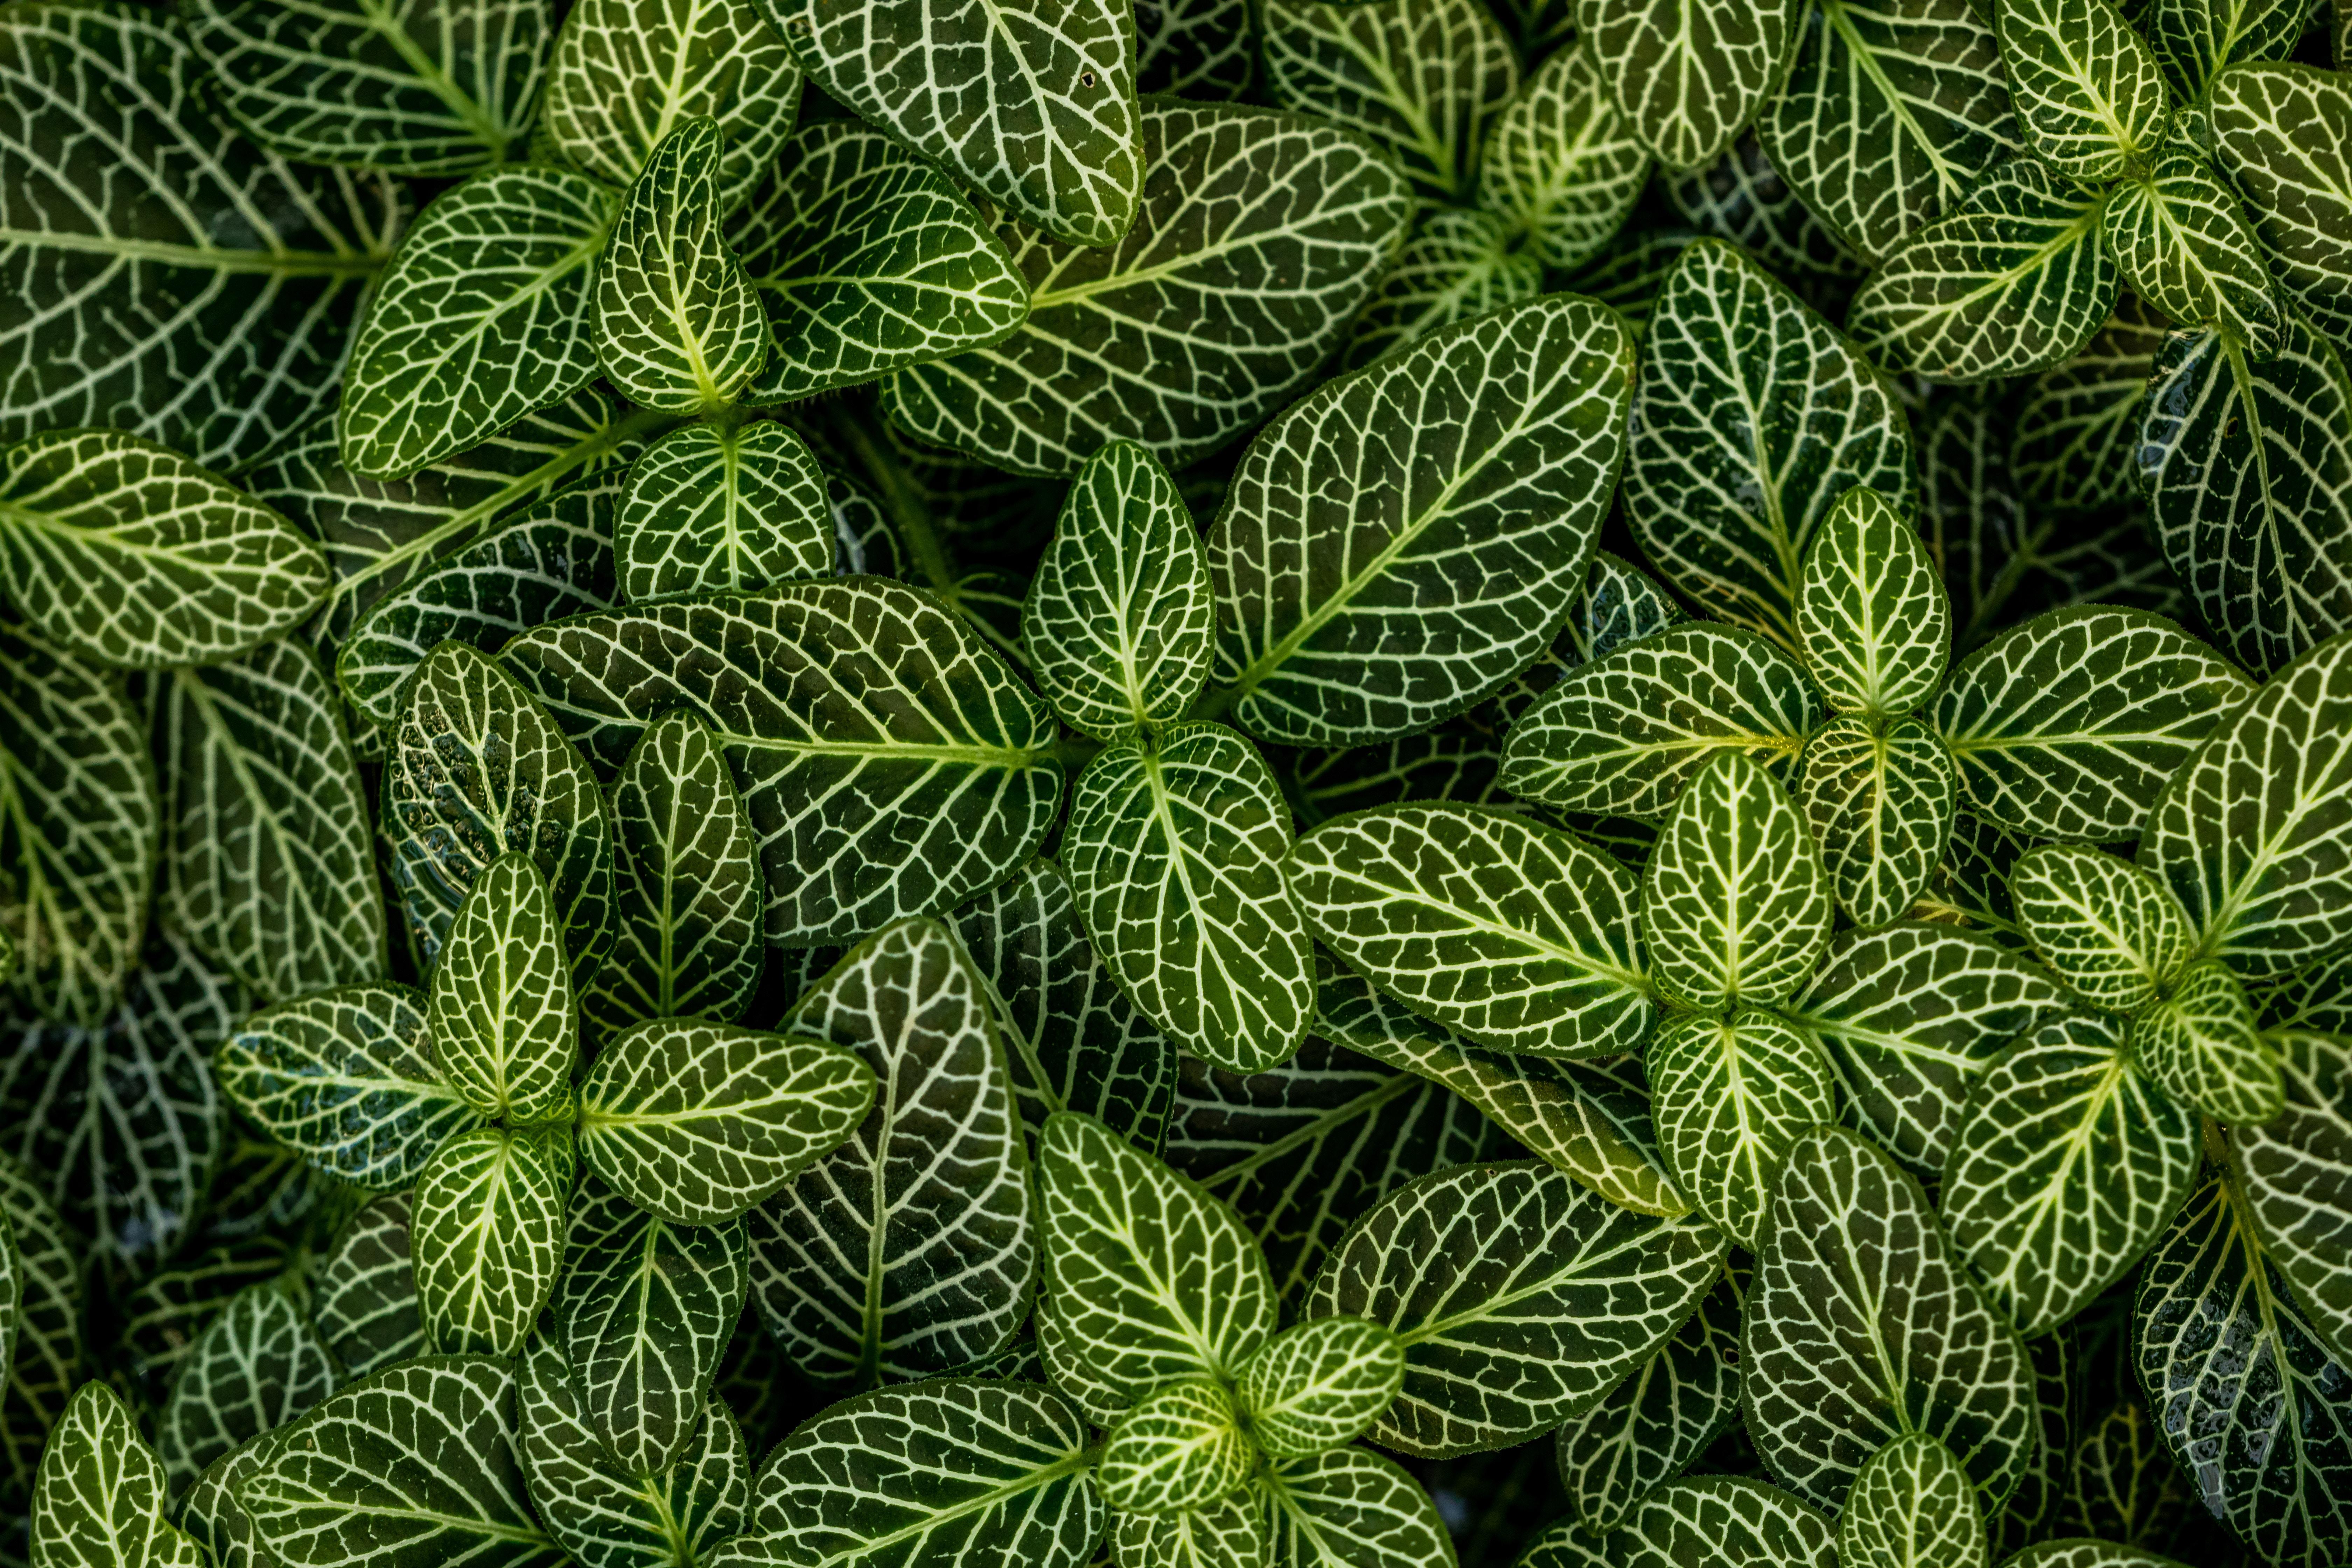 62021 скачать обои Природа, Листья, Растение, Полосатый, Форма, Зеленый, Белый - заставки и картинки бесплатно